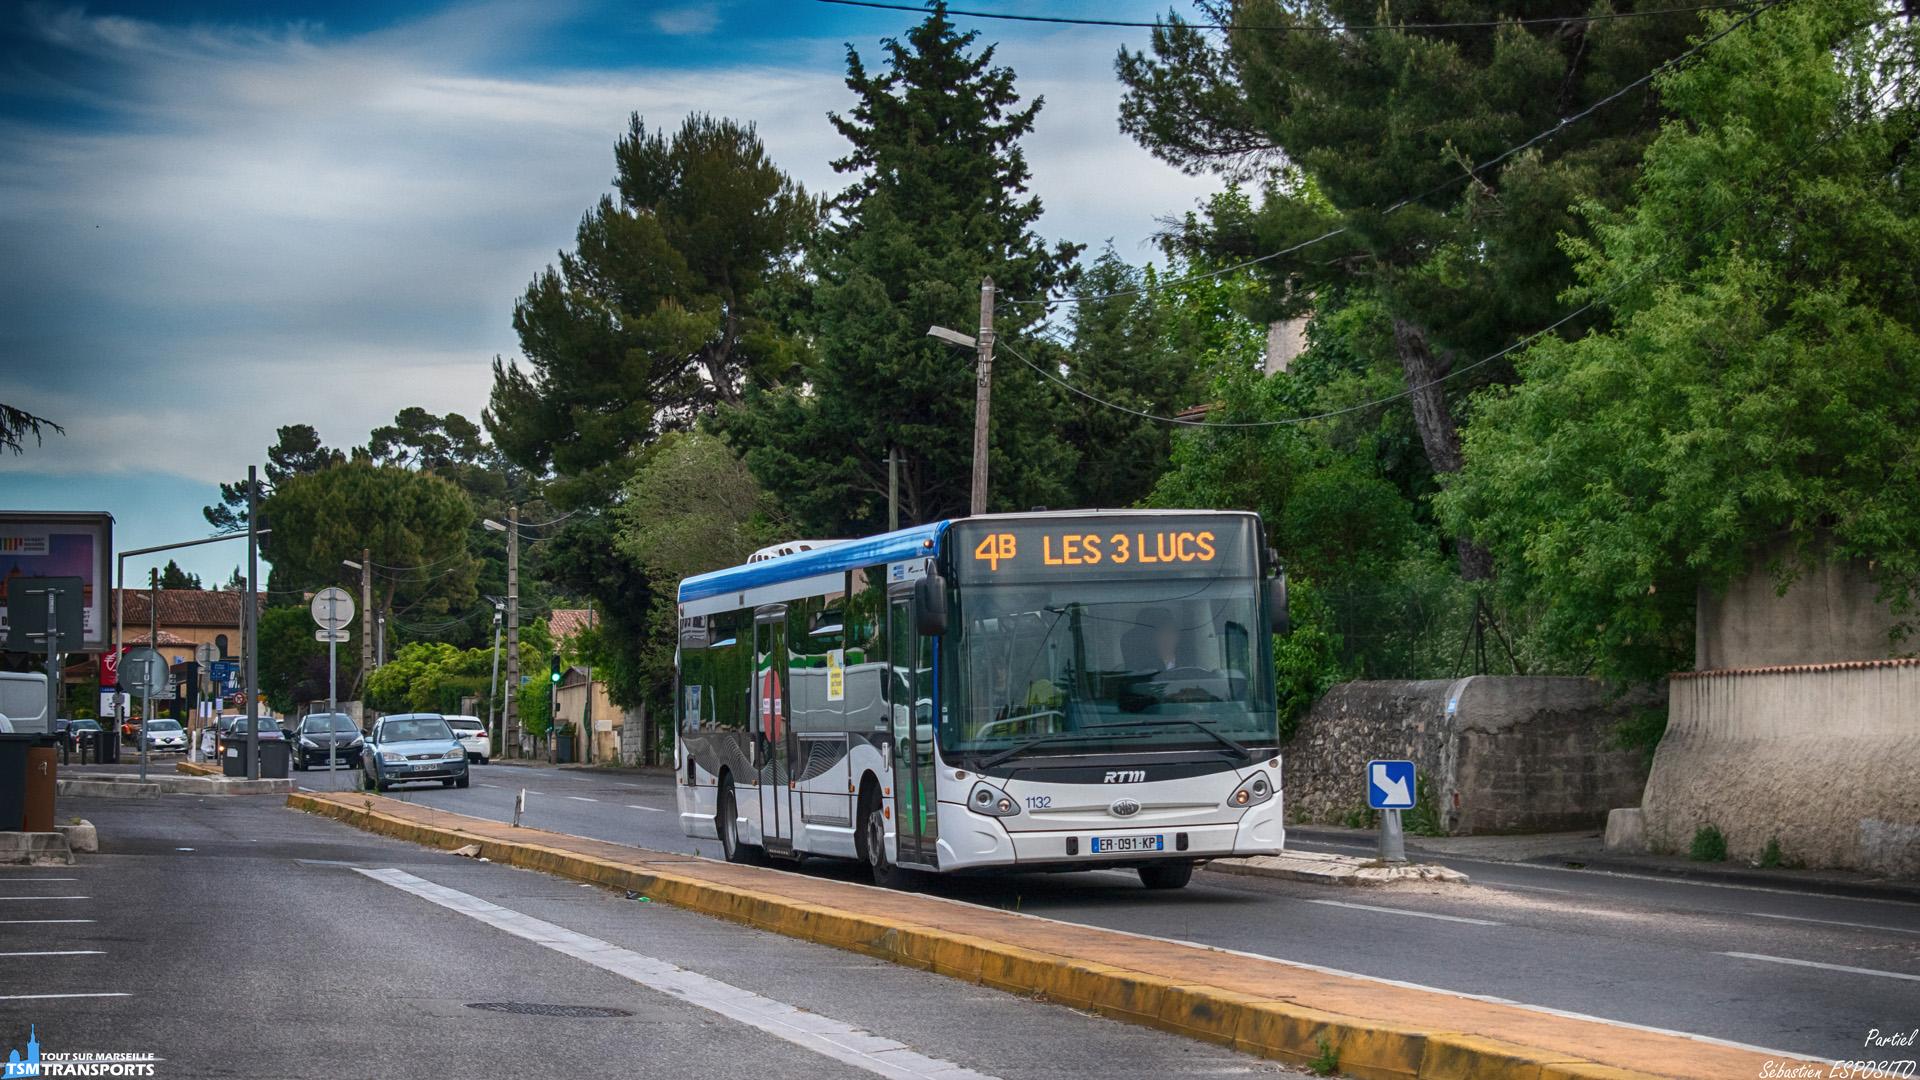 Le soir, la fréquentation de la ligne 4 qui relie le terminus du Métro 1 au Centre commercial de la Valentine diminue, par conséquent la ligne termine le soir avec quelques rotations de partiel se limitant au village des 3 lucs où il effectue sa pause, ici on l'aperçoit assuré en GX327 juste après son départ. . ℹ️ Heuliez Bus GX 327 RTM n°1132. . 📍 Avenue des Poilus (Départementale D4), 12eme arrondissement de Marseille. . ⬅️ Les Trois Lucs . ➡️ Métro La Rose. . ↔️ Partiel 4B . 🏘️ Quartier des Trois Lucs. . 📸 Nikon D5600. . 📷 Nikkor 18-55mm. . 📅 16 Mai 2019 à 19:20.